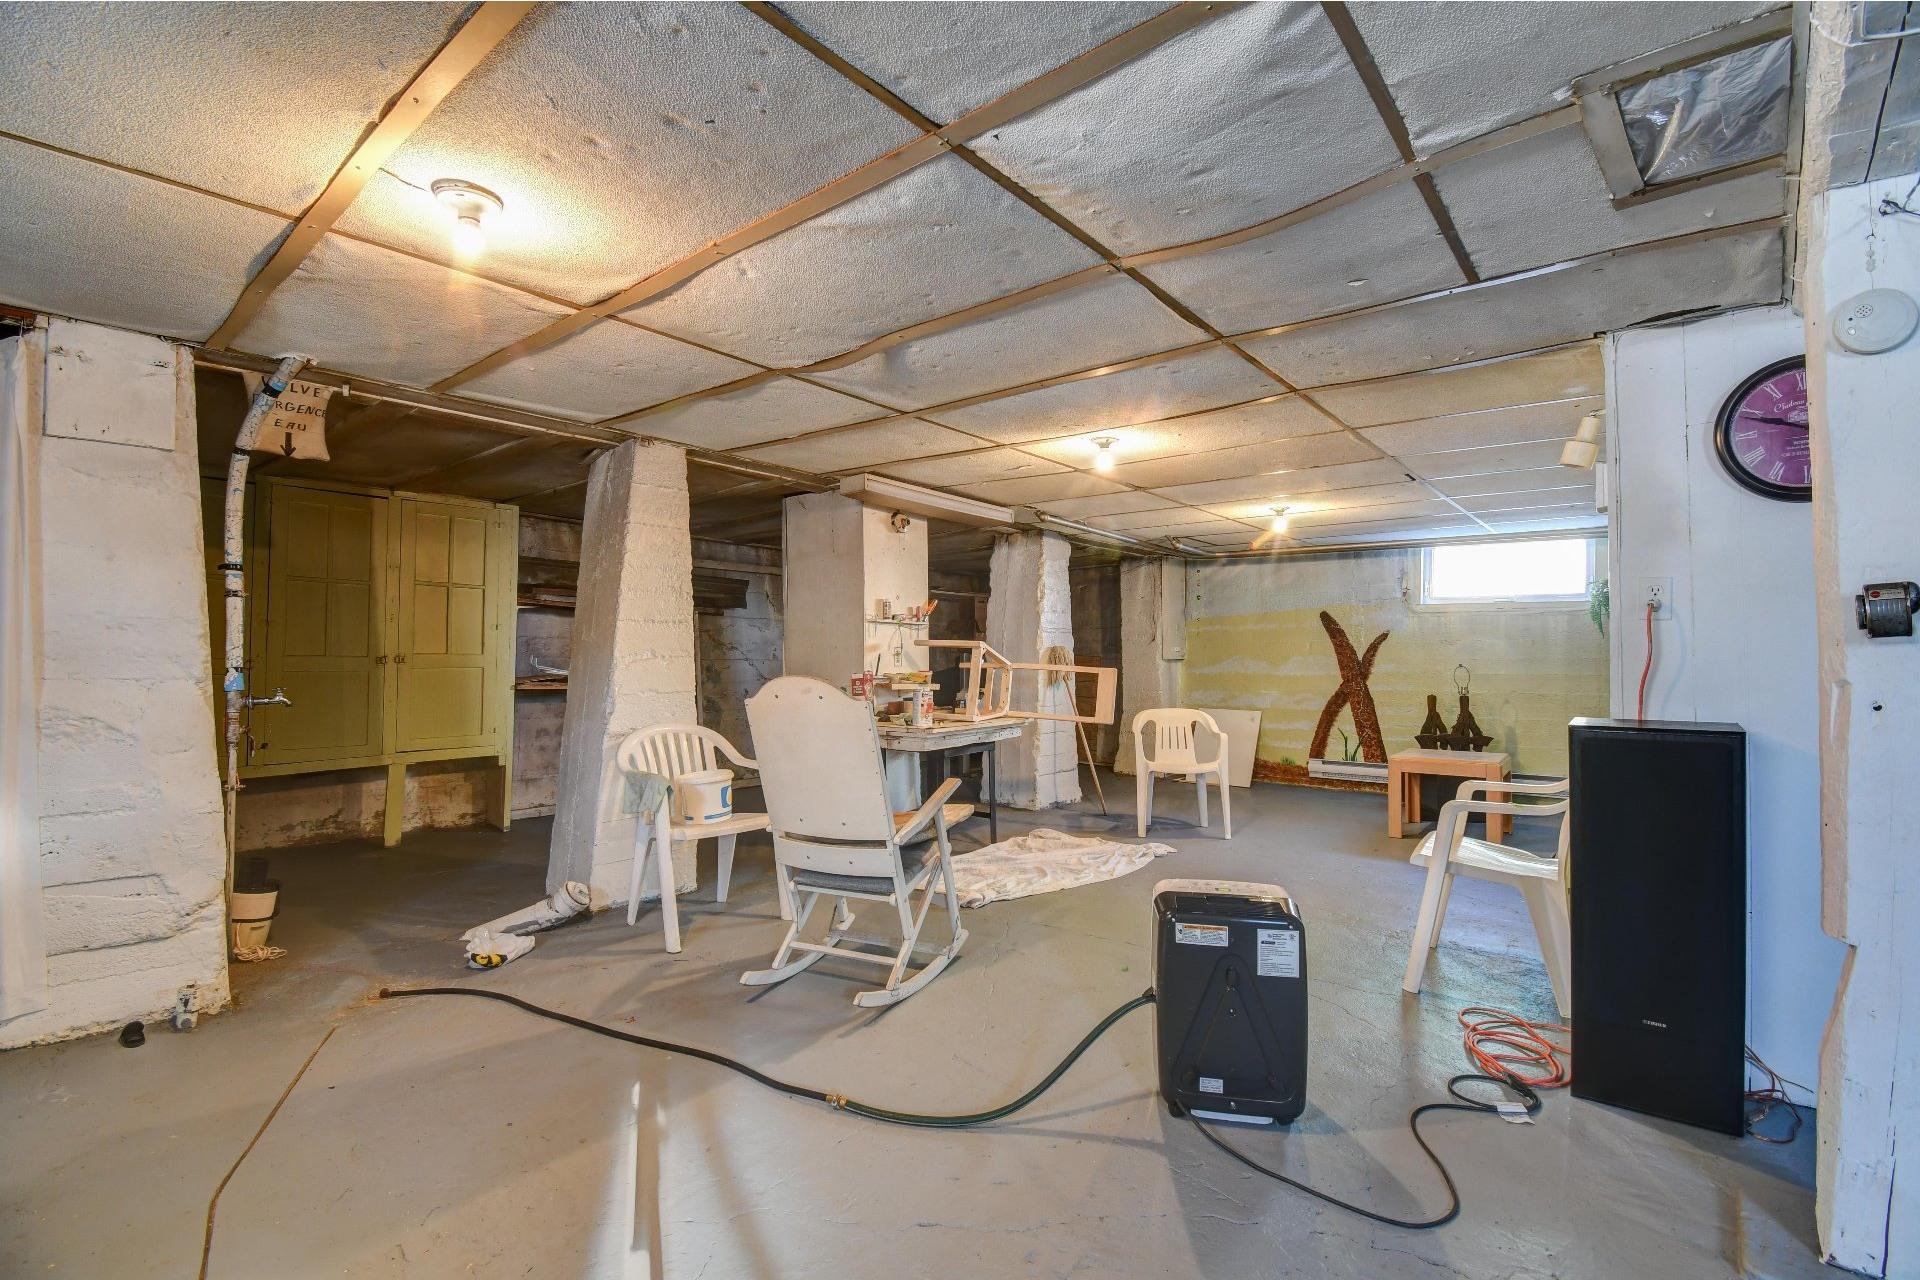 image 4 - Duplex For sale Sainte-Thècle - 6 rooms